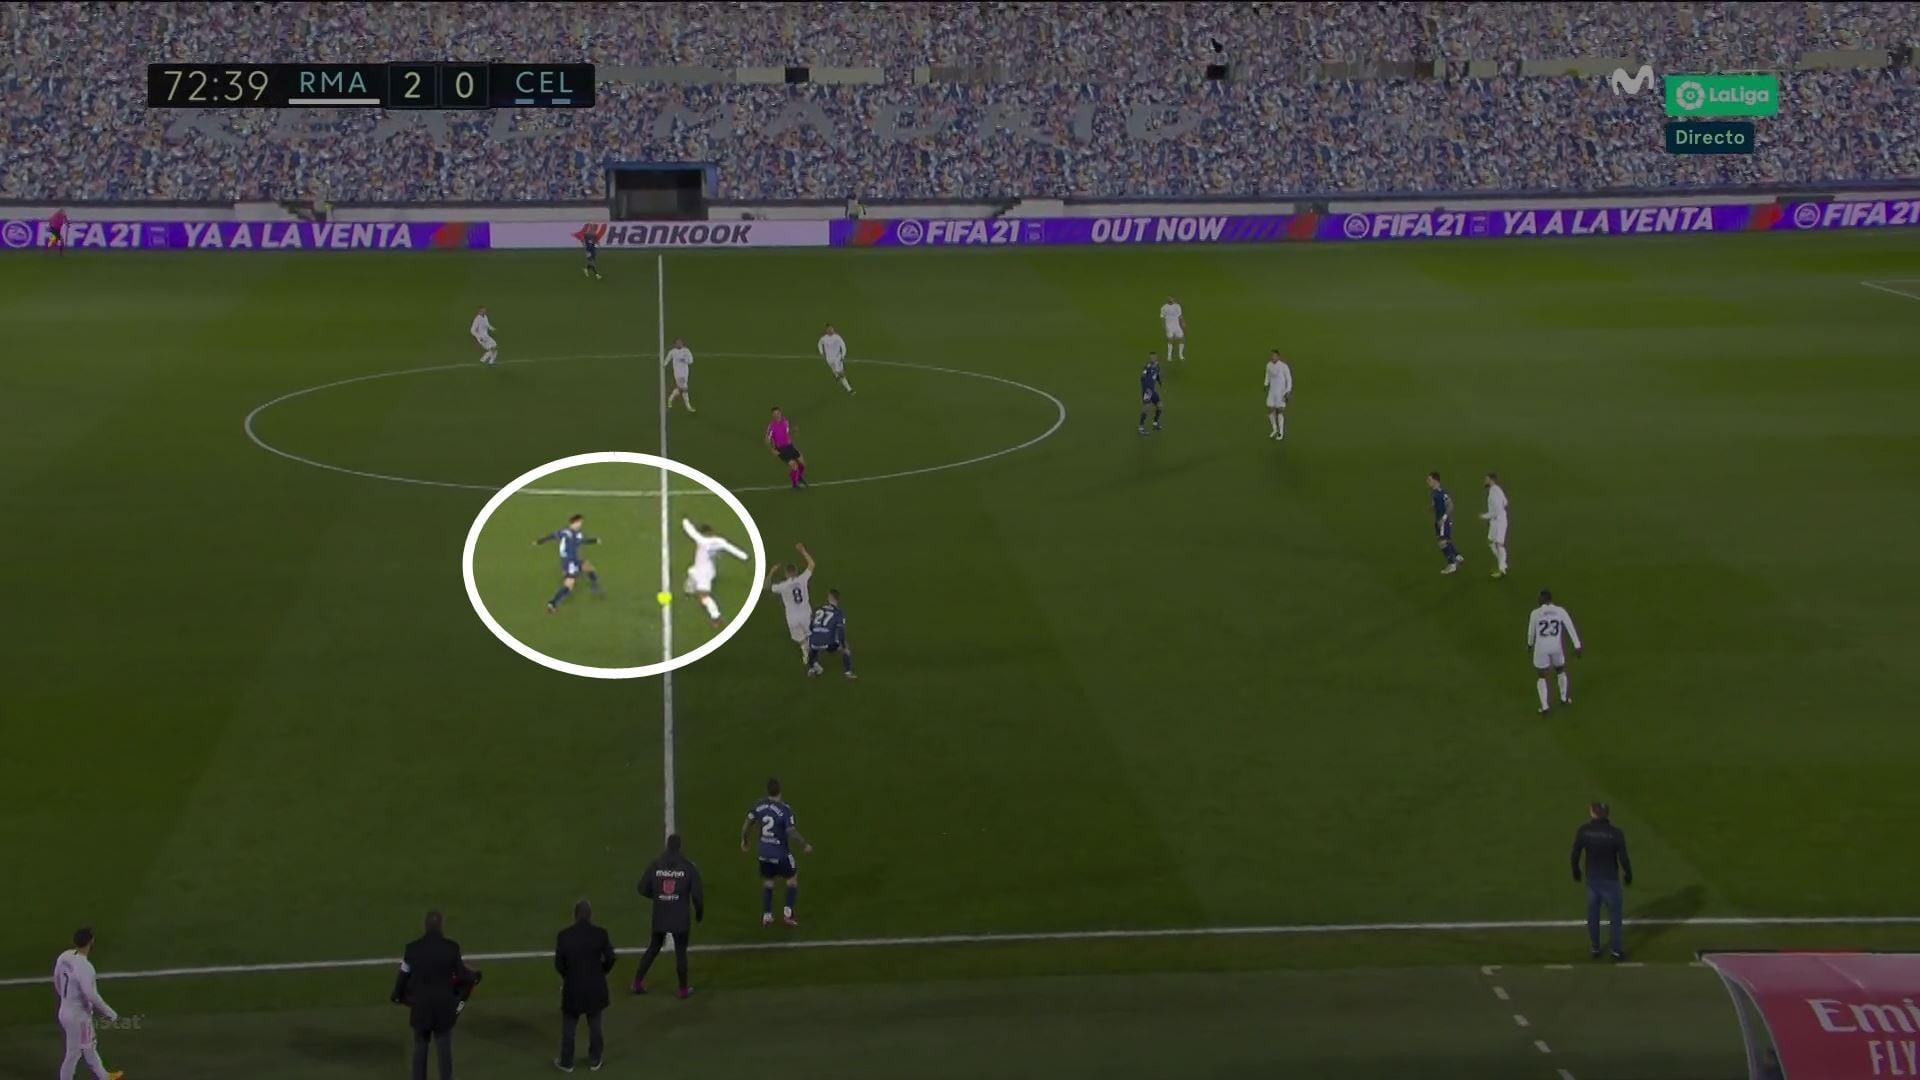 Фабиньо и Каземиро вместе играли за вторую команду «Реала». Потом выросли в лучших опорников мира, но блистают по-разному